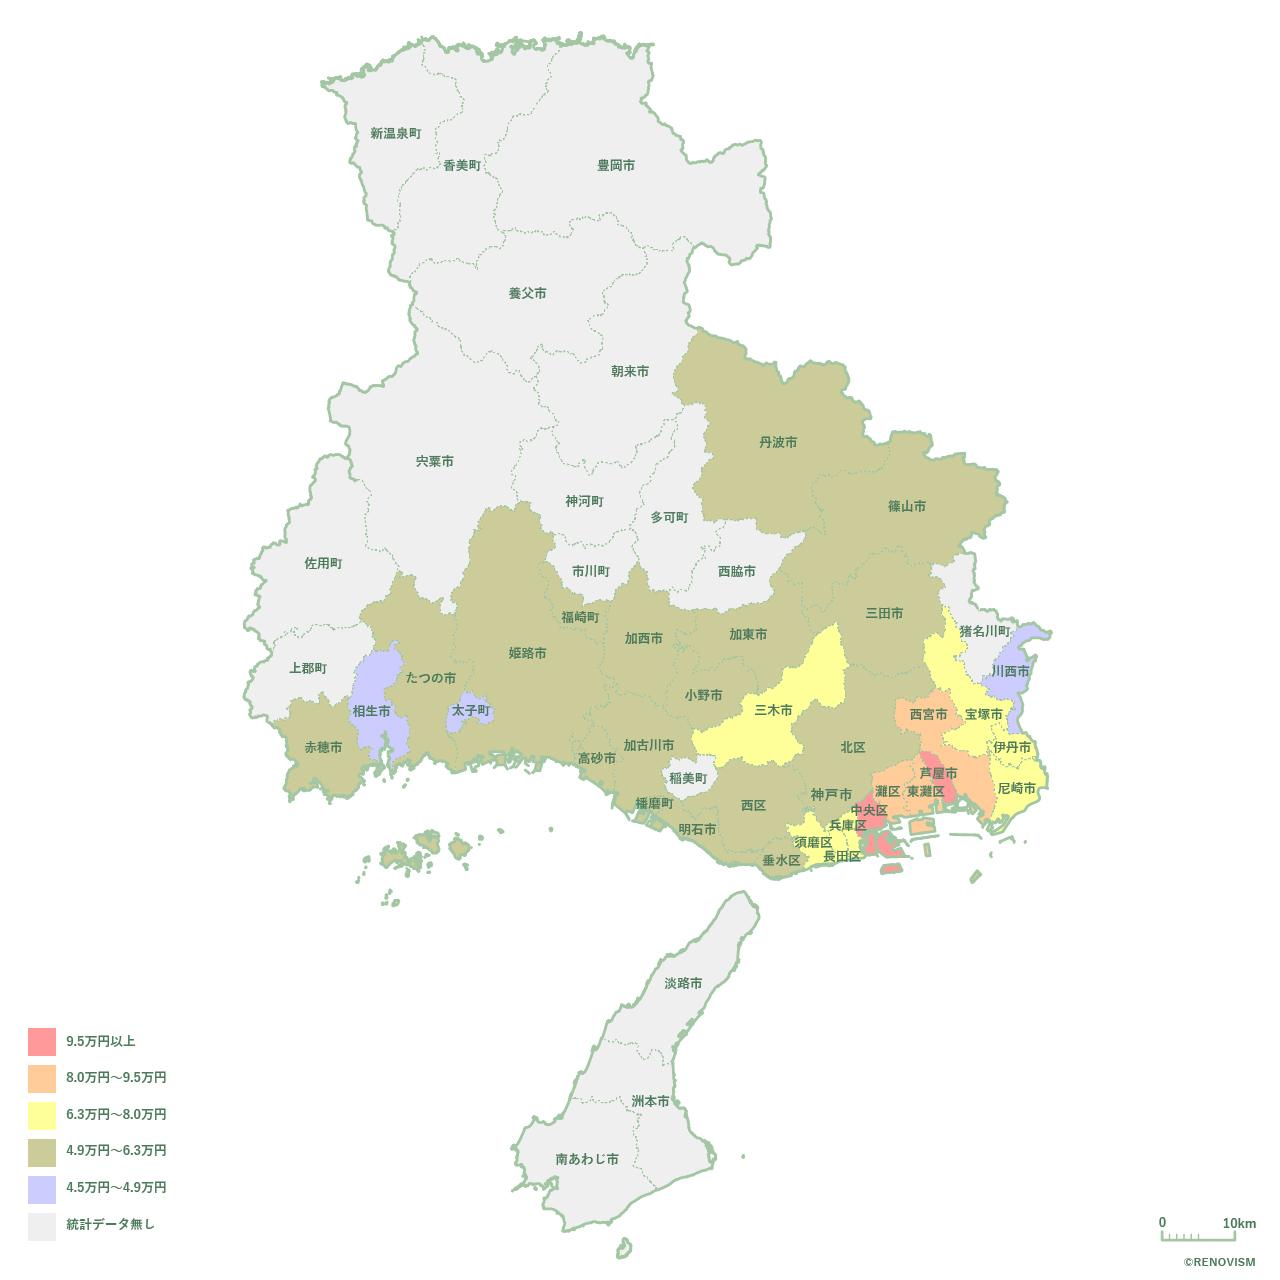 兵庫県の2LDK家賃相場マップ2020年